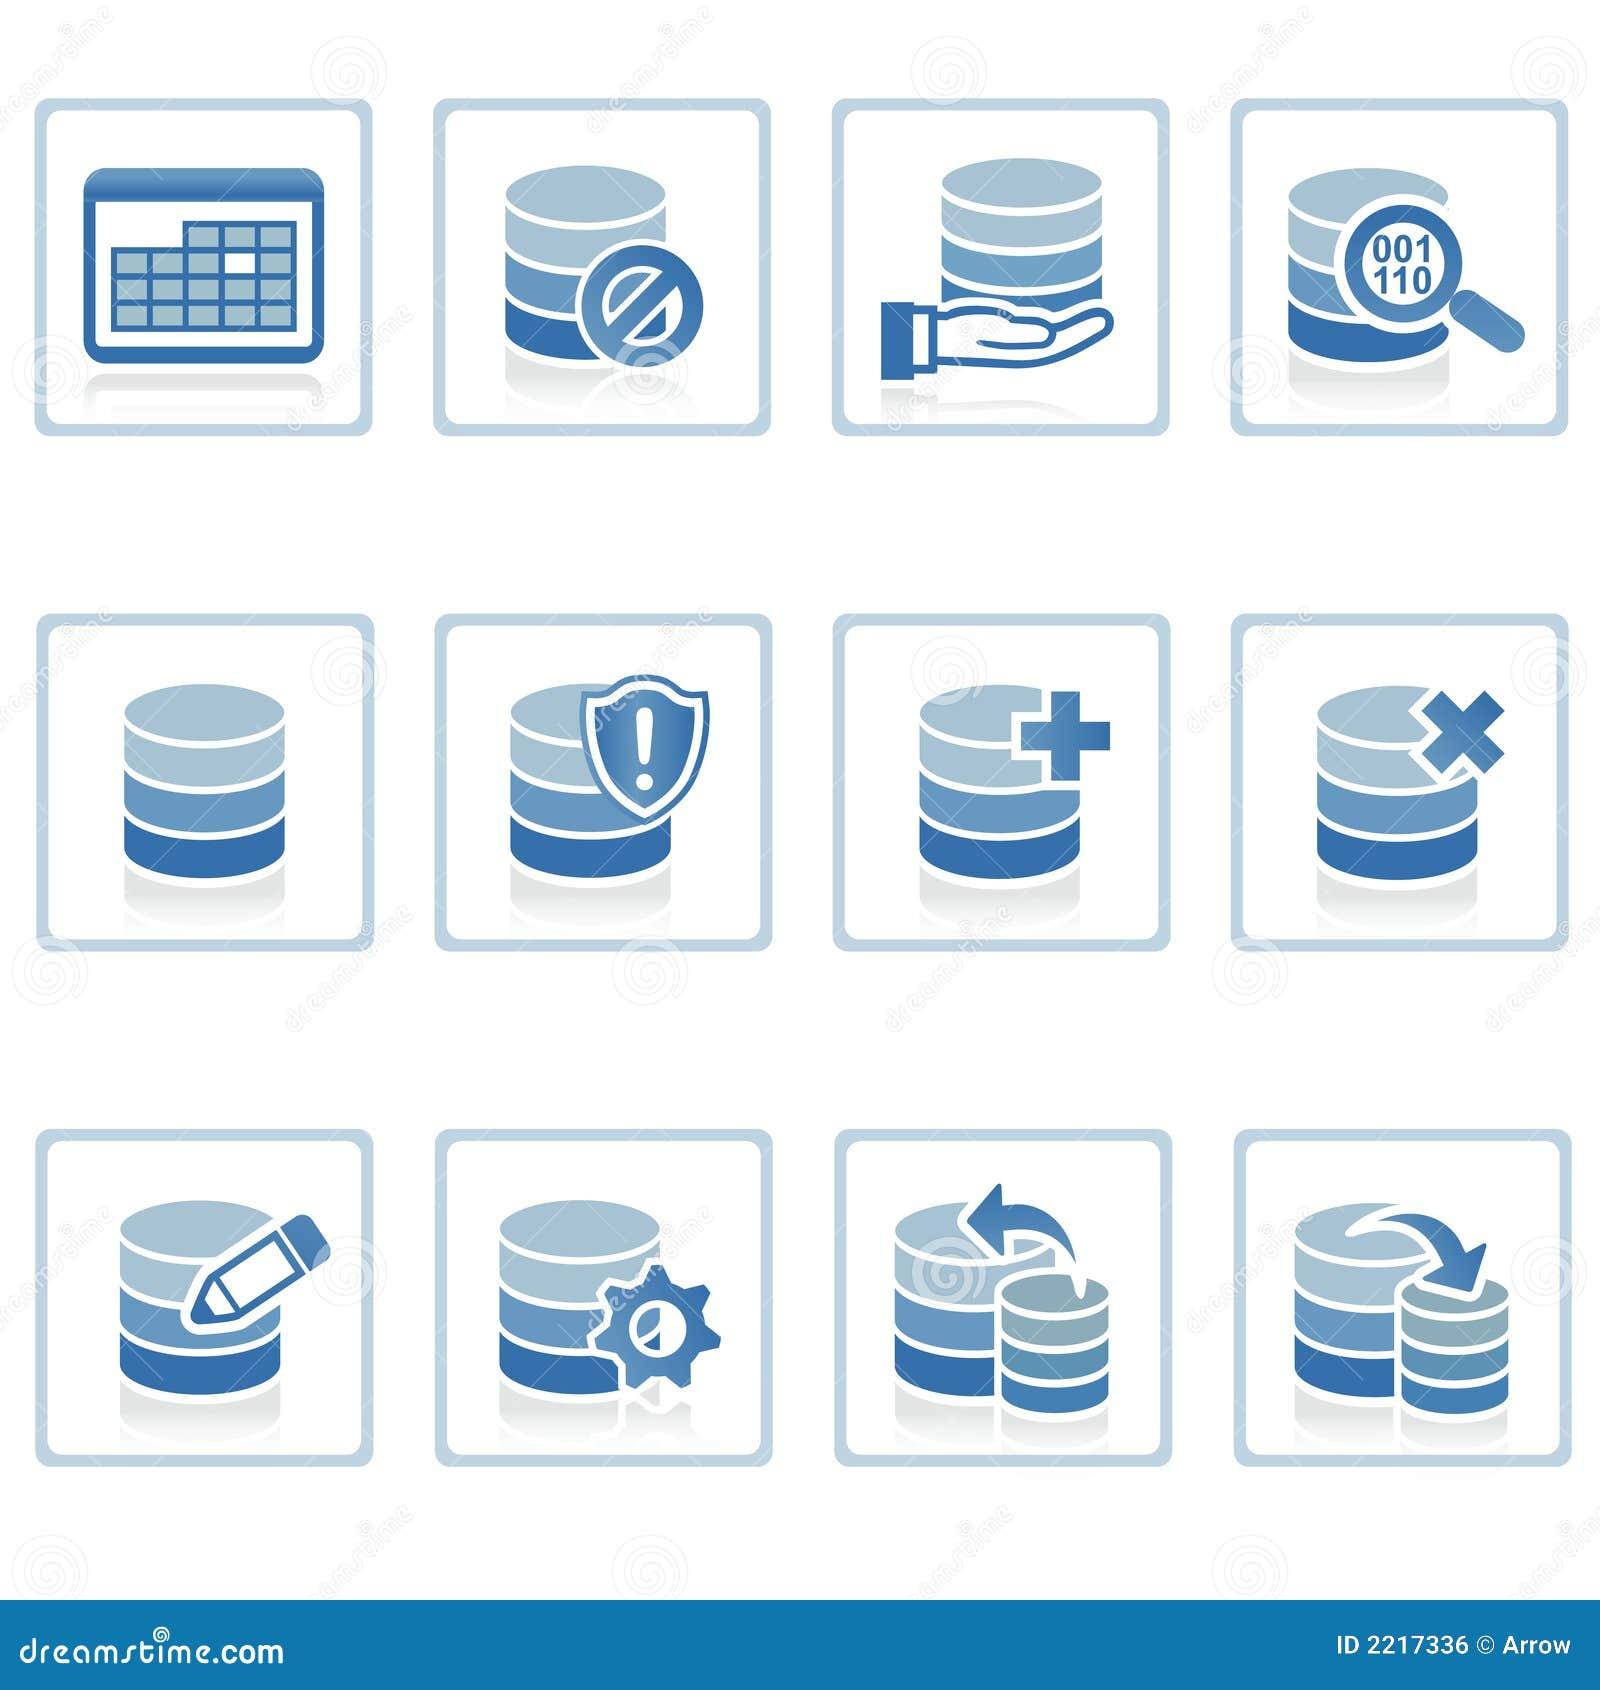 database management icon stock illustration illustration of hand